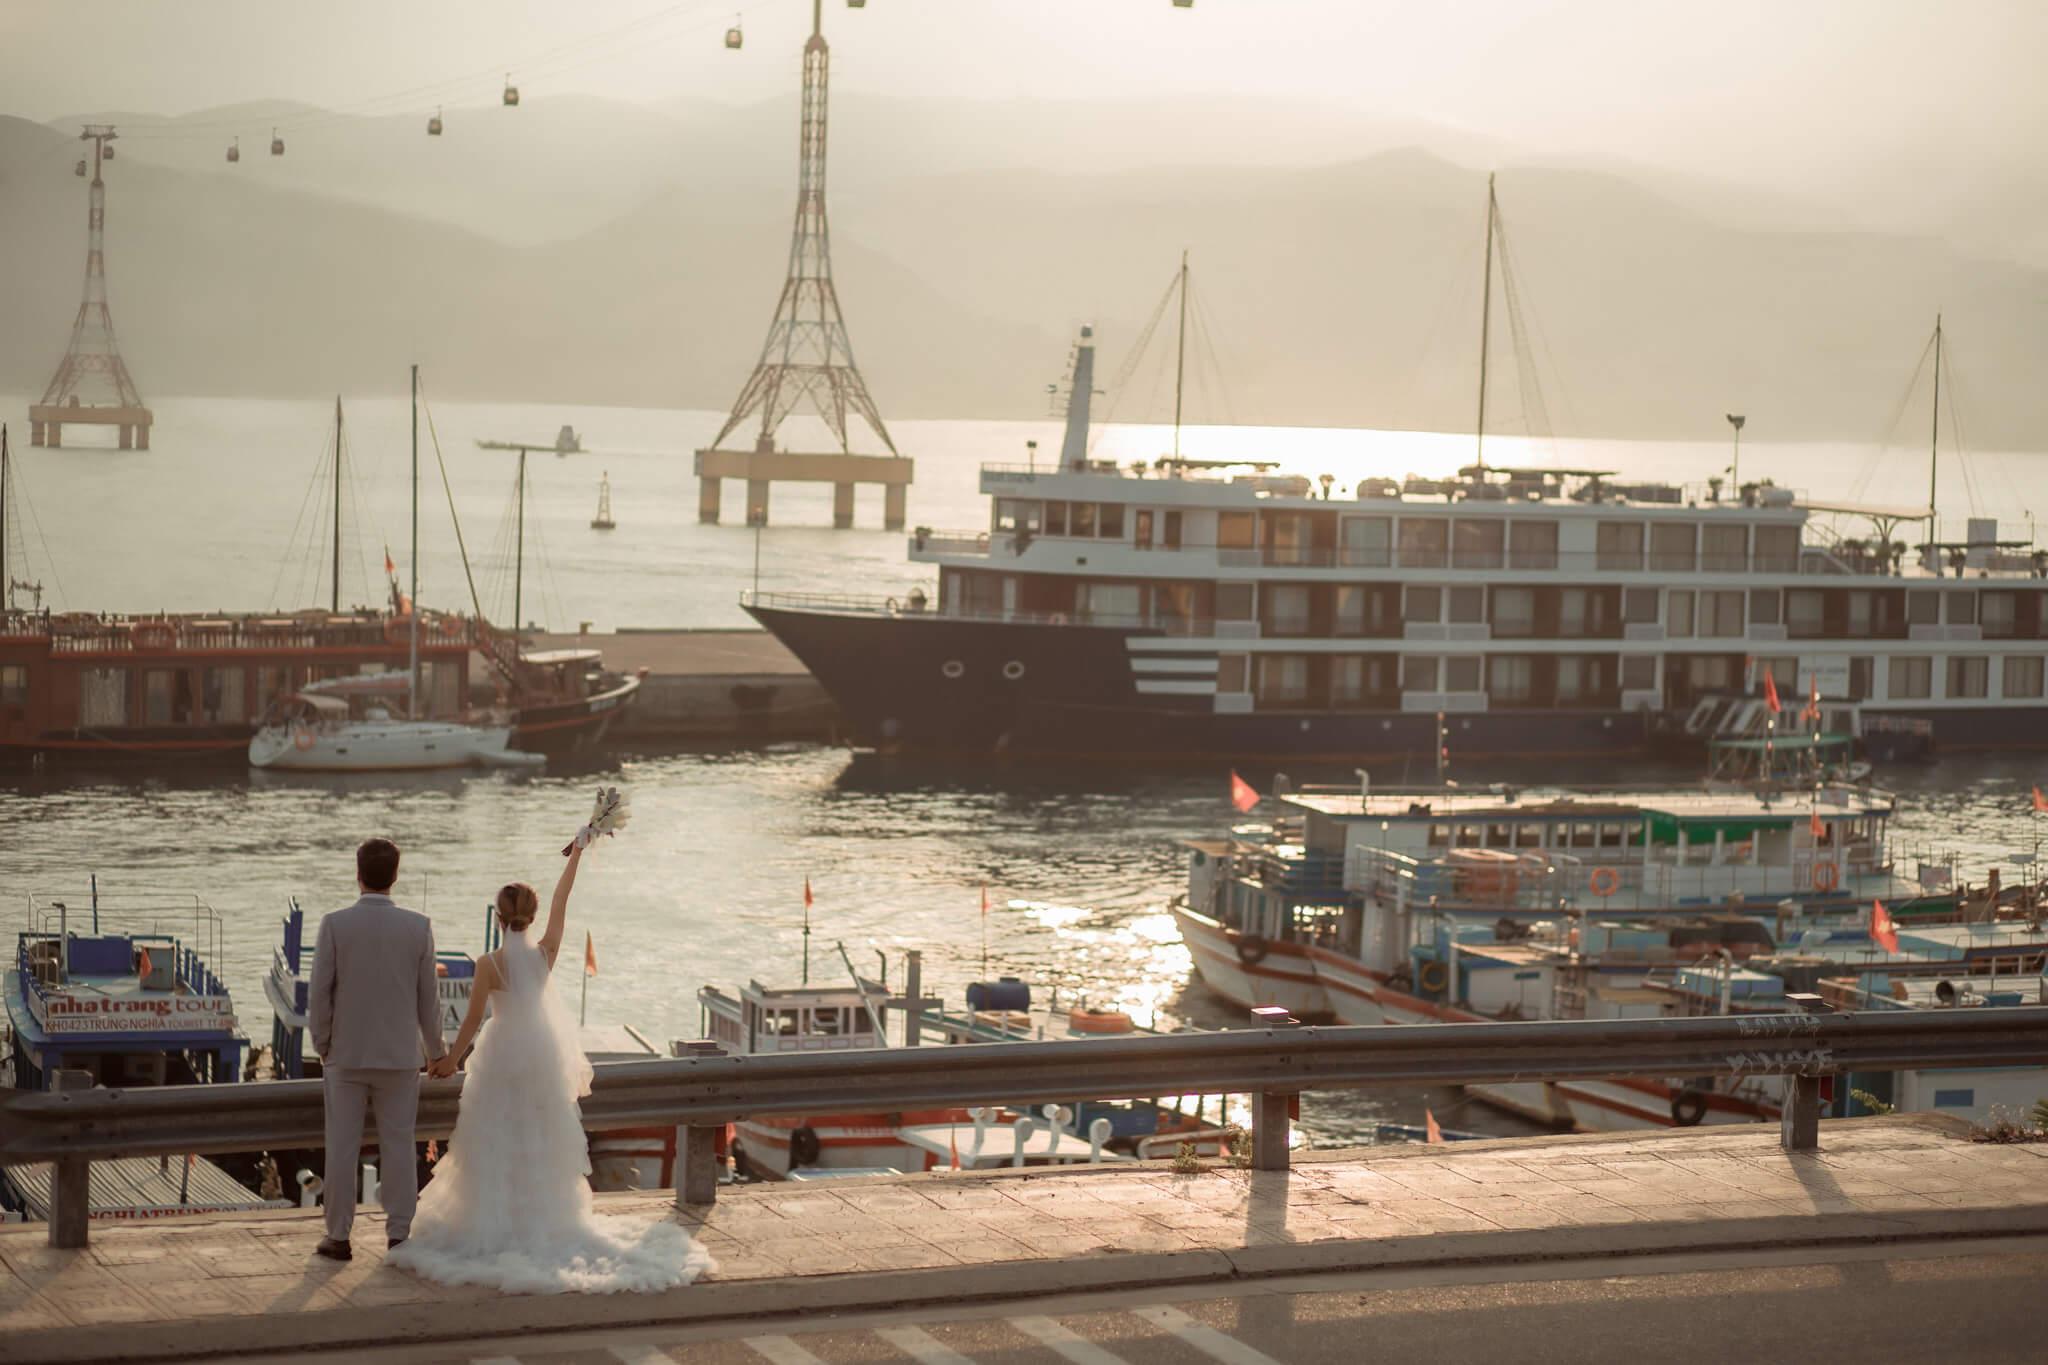 Phong cách chụp ảnh cưới Nha Trang siêu đẹp